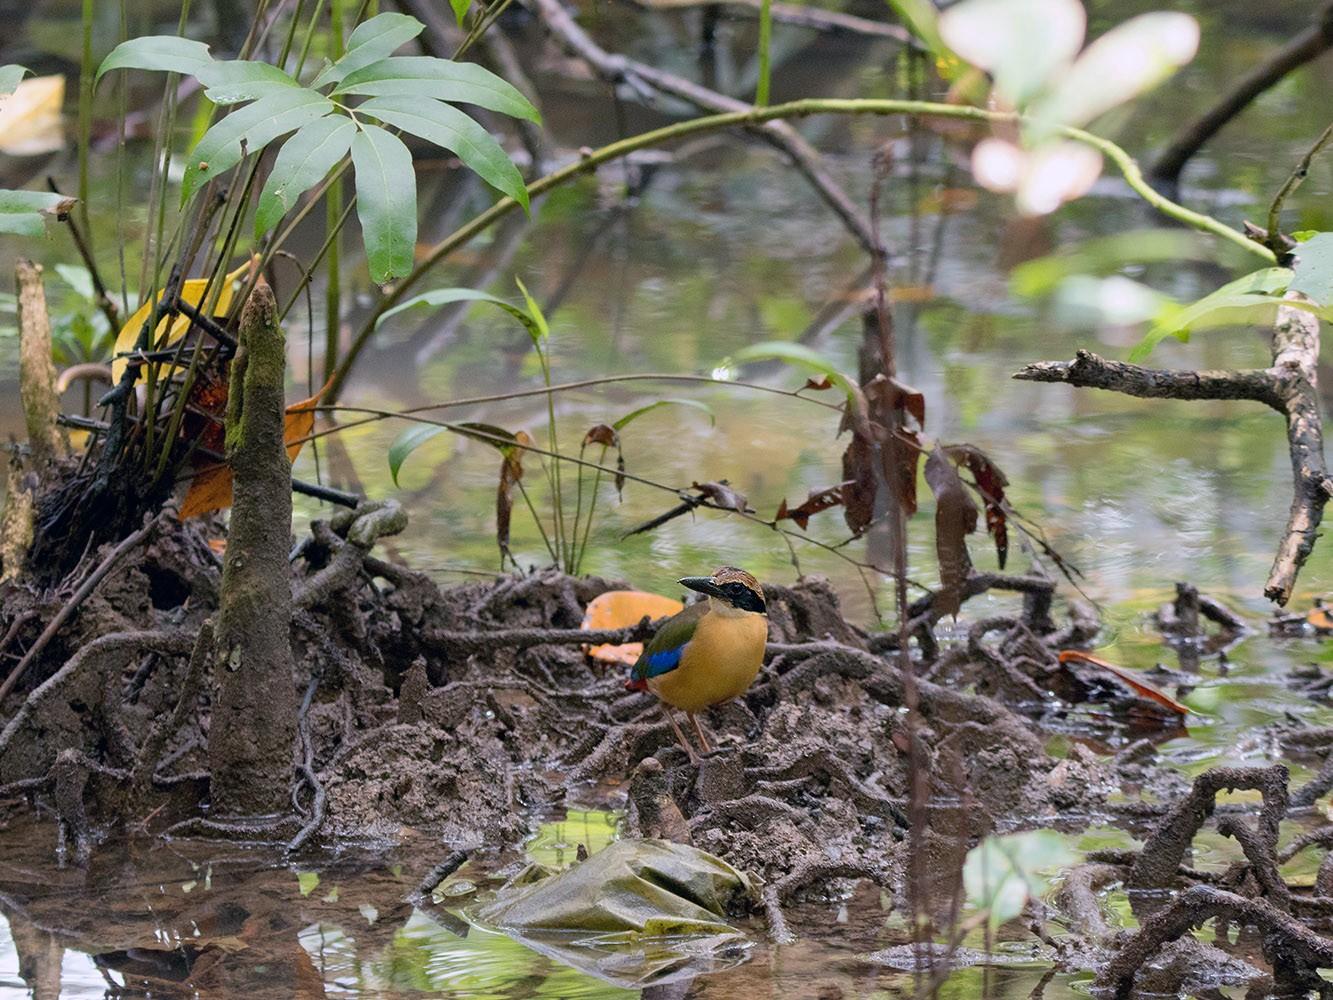 Mangrove Pitta - Ayuwat Jearwattanakanok